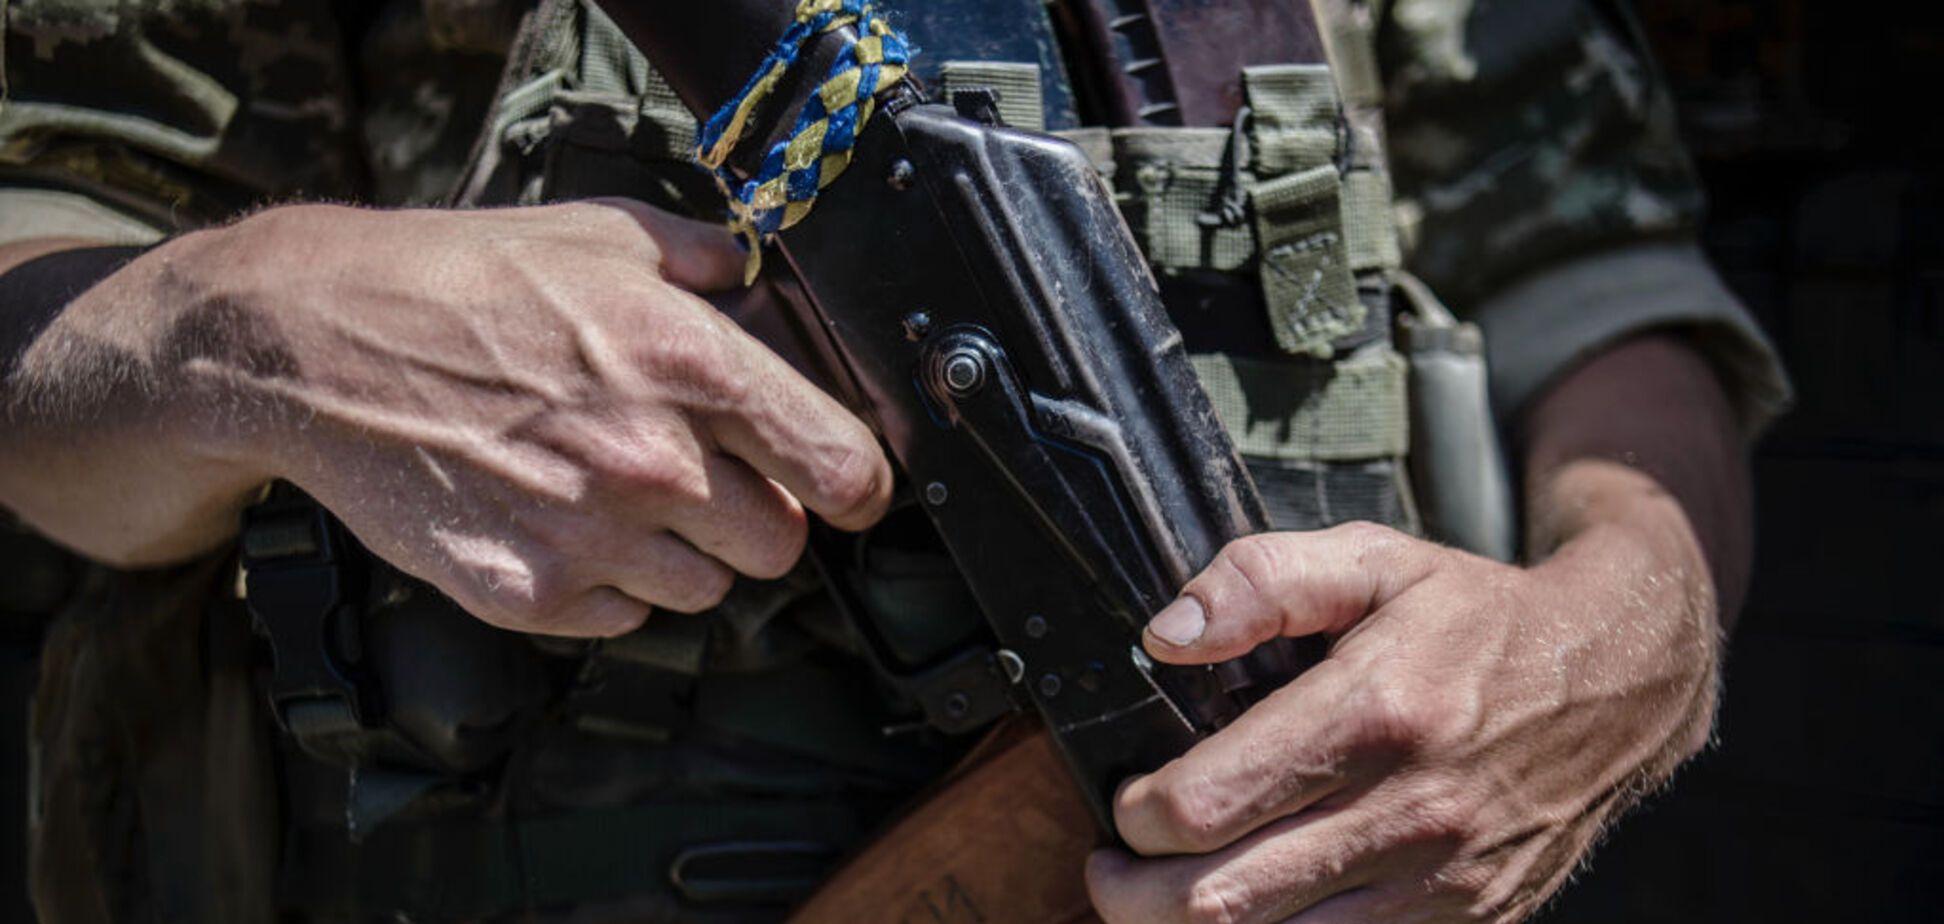 На Донбасі загинули більш як 3 тисячі воїнів ЗСУ: озвучено сумну статистику